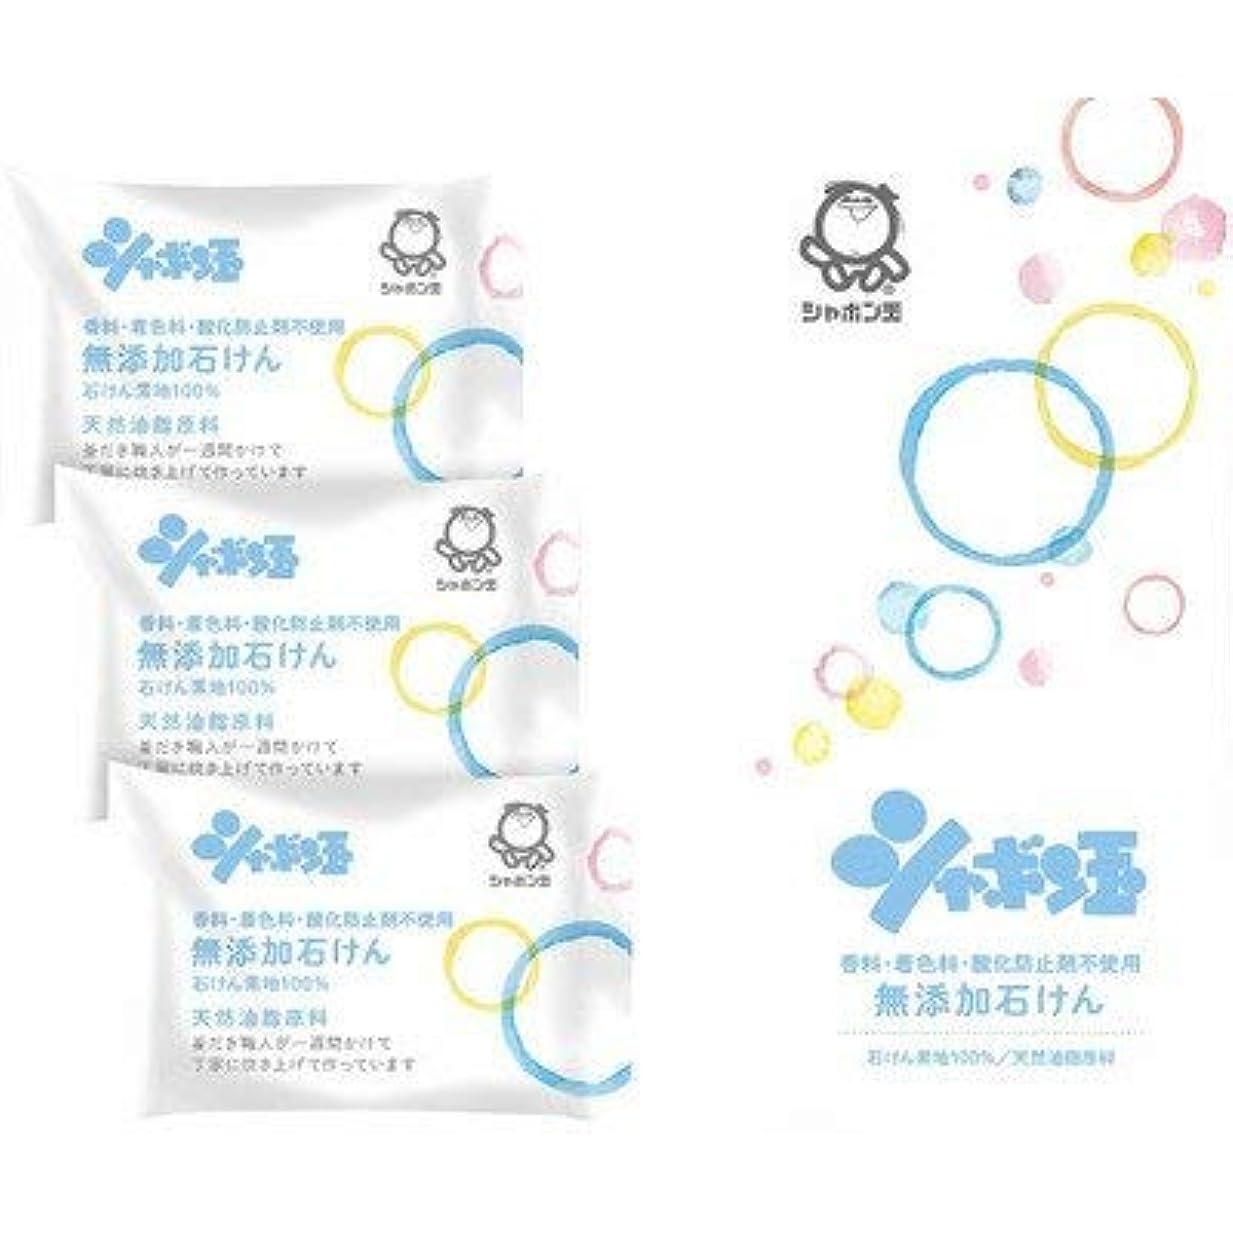 現在ラフレシアアルノルディのど【ギフトセット】 シャボン玉無添加石鹸ギフトセット SMG-5B